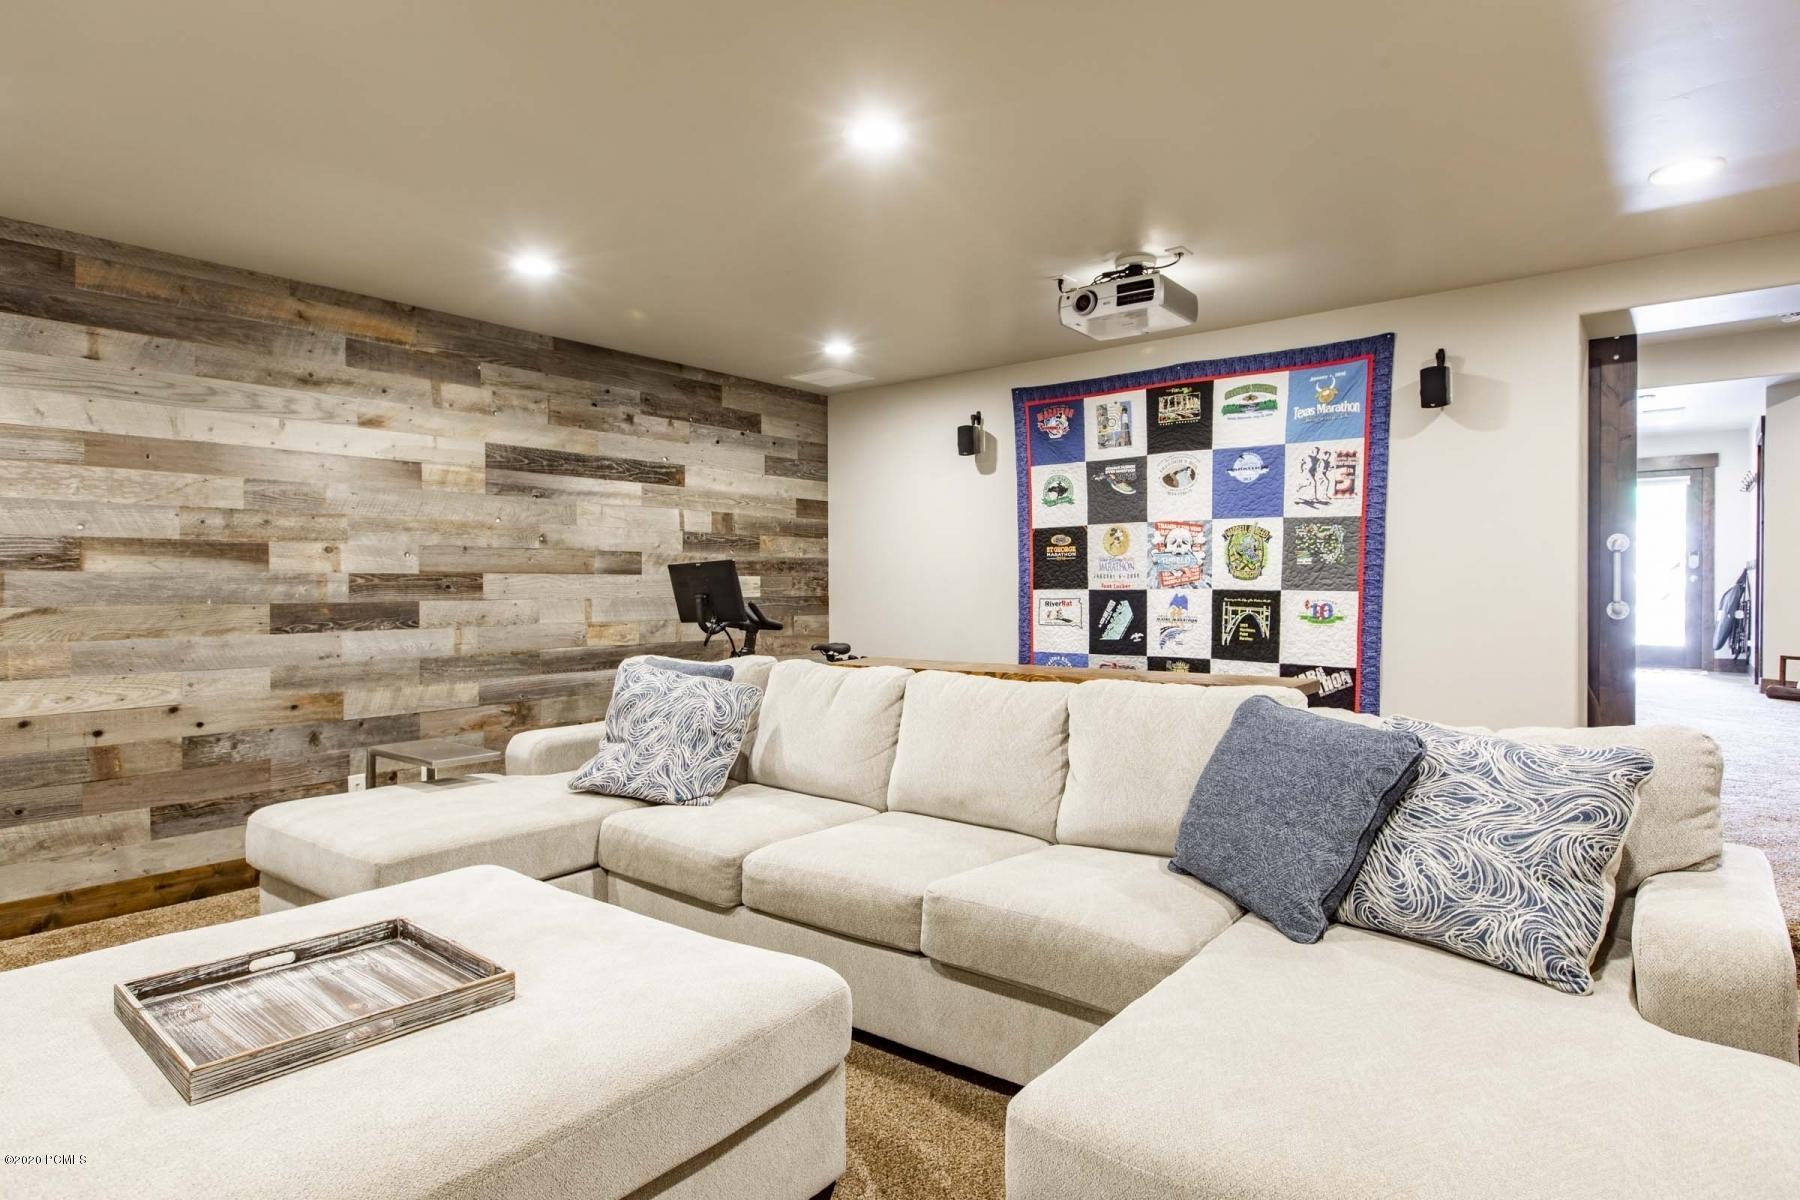 1151 Wintercress Trail, Heber City, Utah 84032, 3 Bedrooms Bedrooms, ,3 BathroomsBathrooms,Condominium,For Sale,Wintercress,20190109112430415765000000